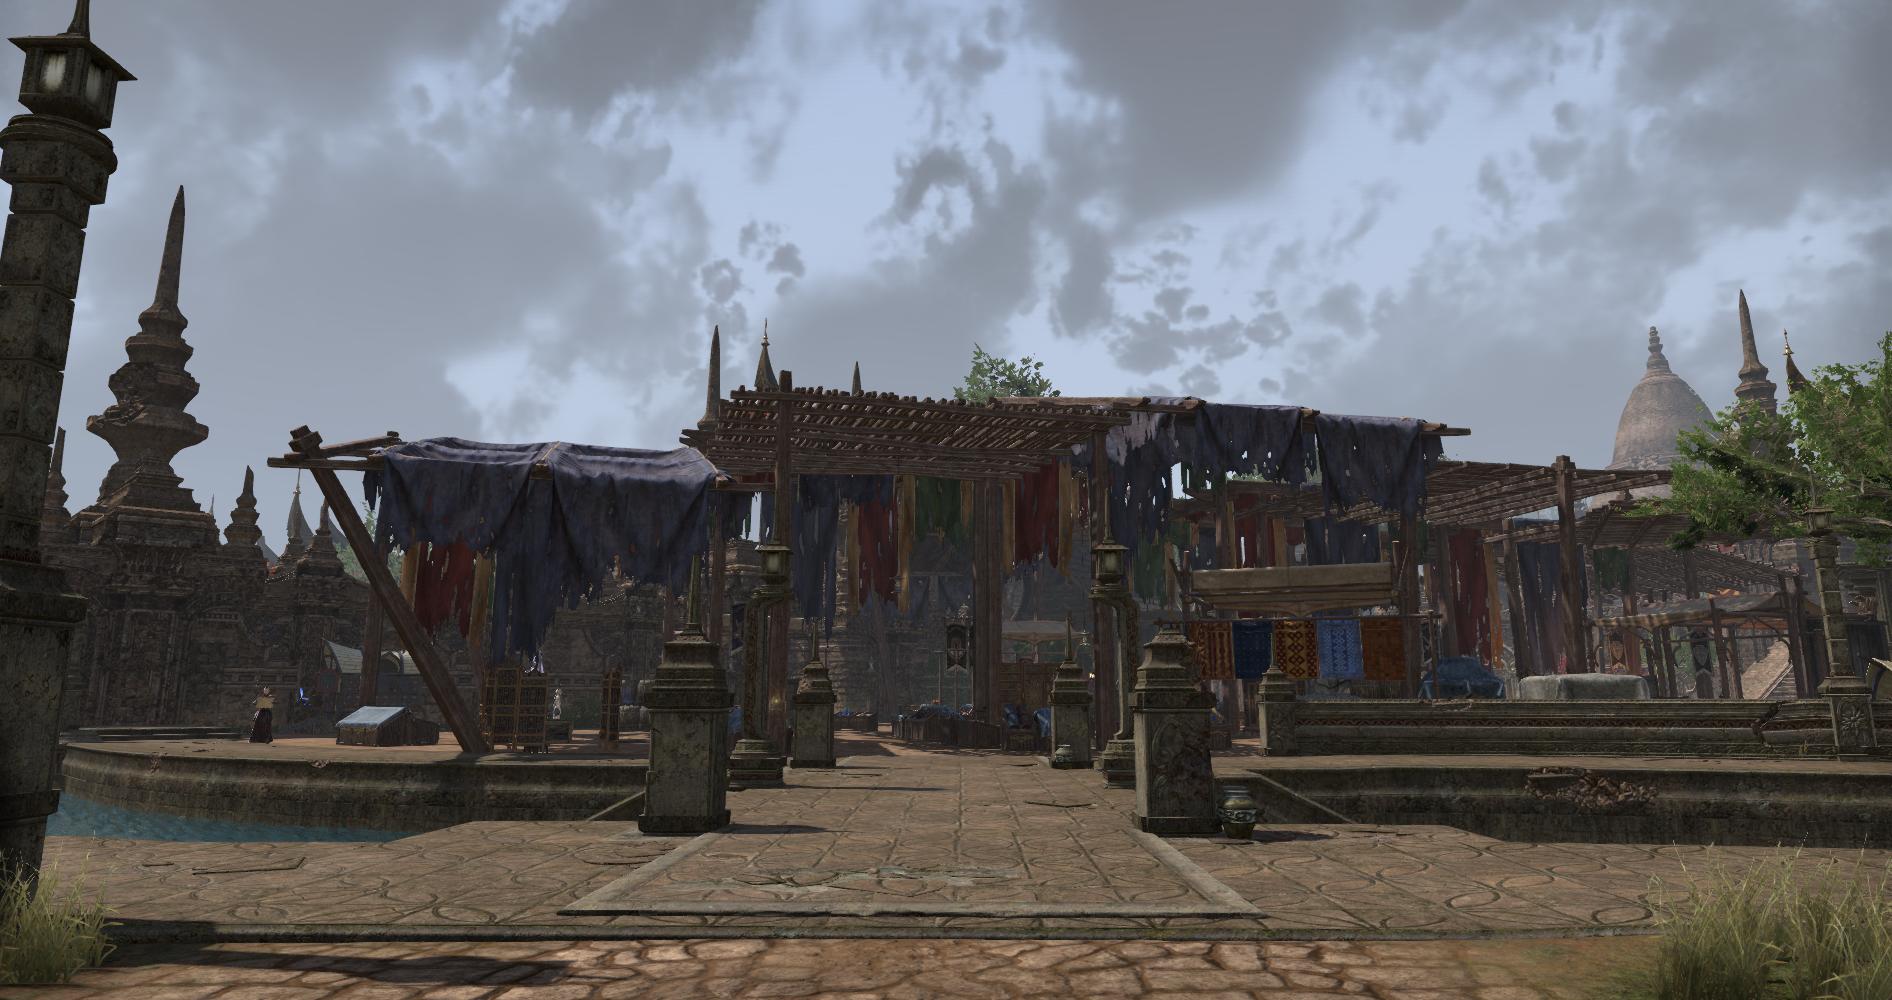 Baandari Bazaar